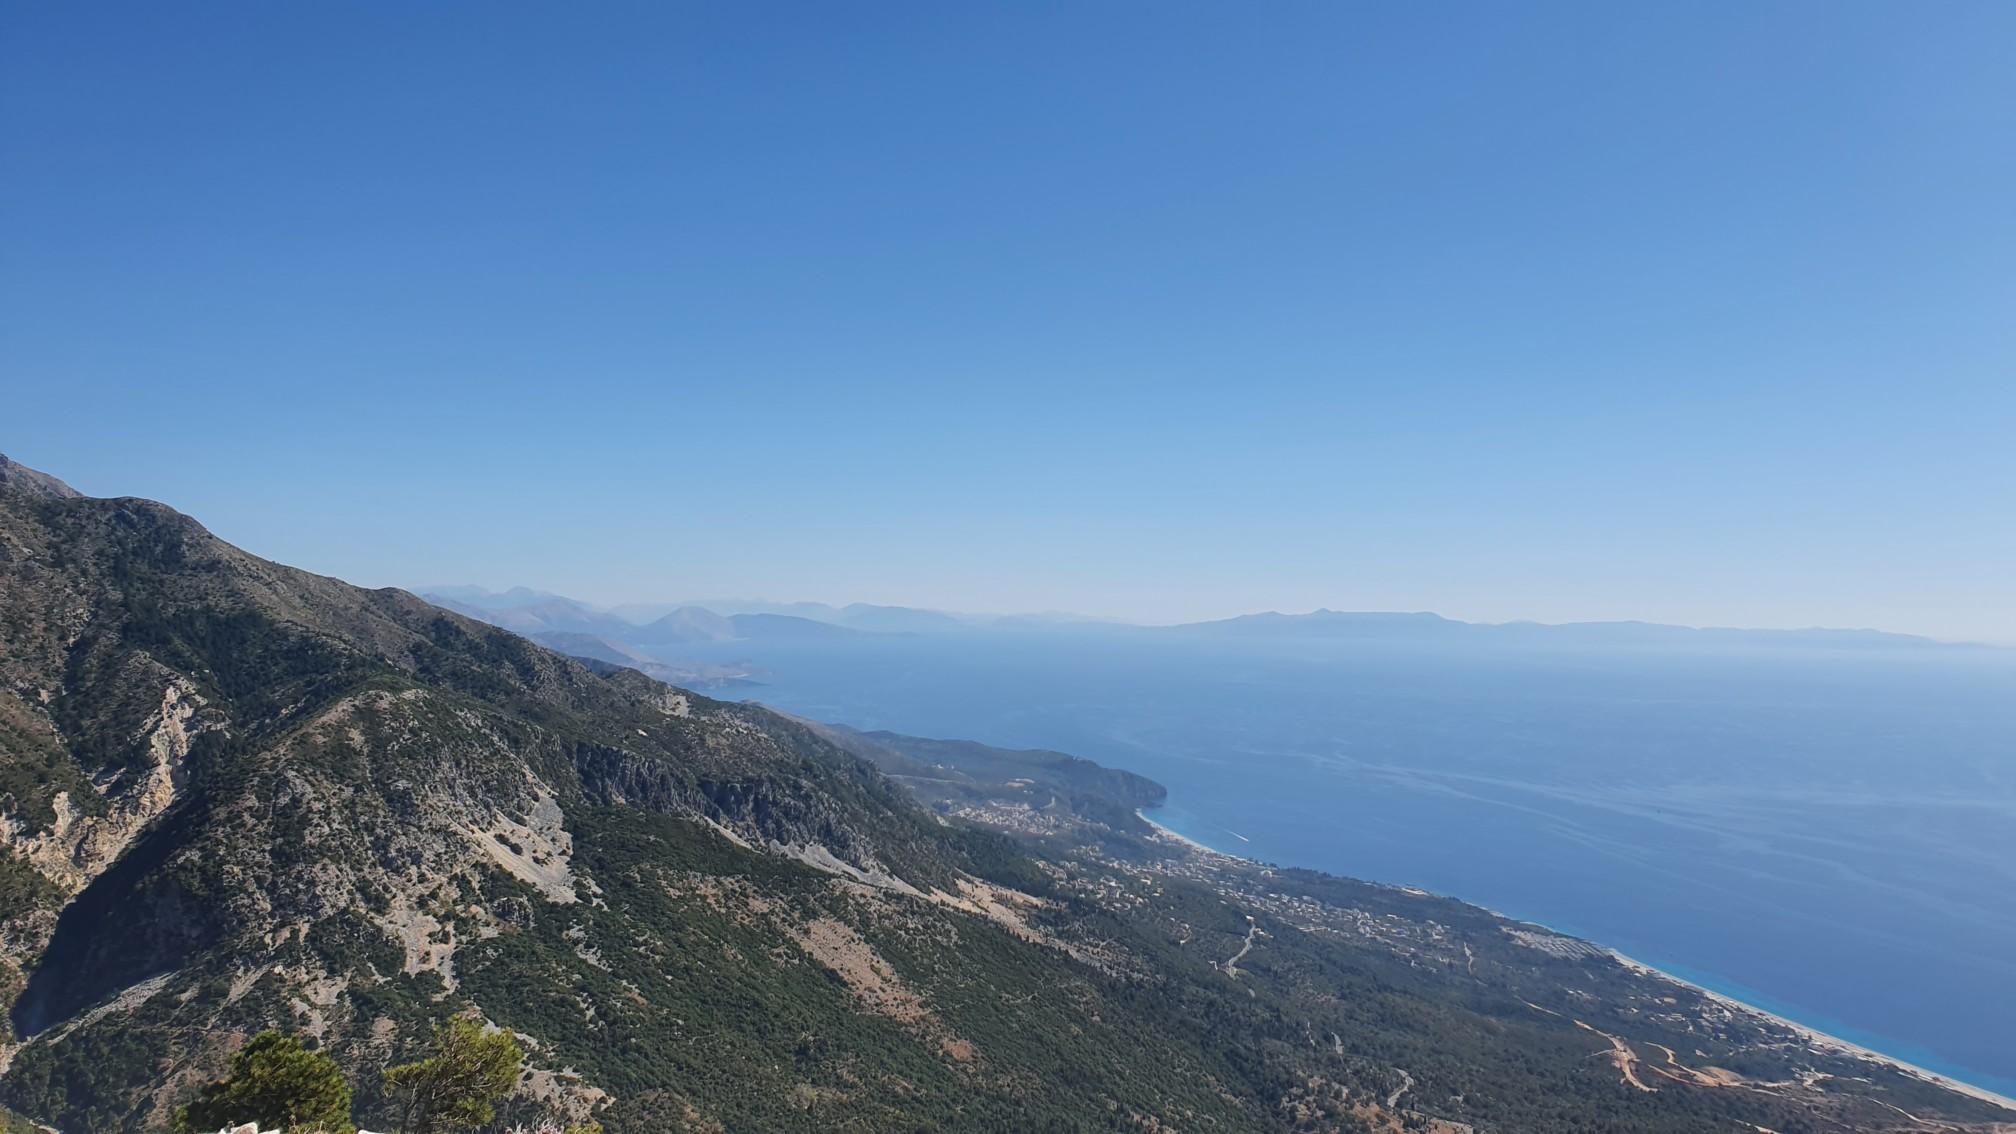 Nationalpark Llogara - Blick von 1000 Meter